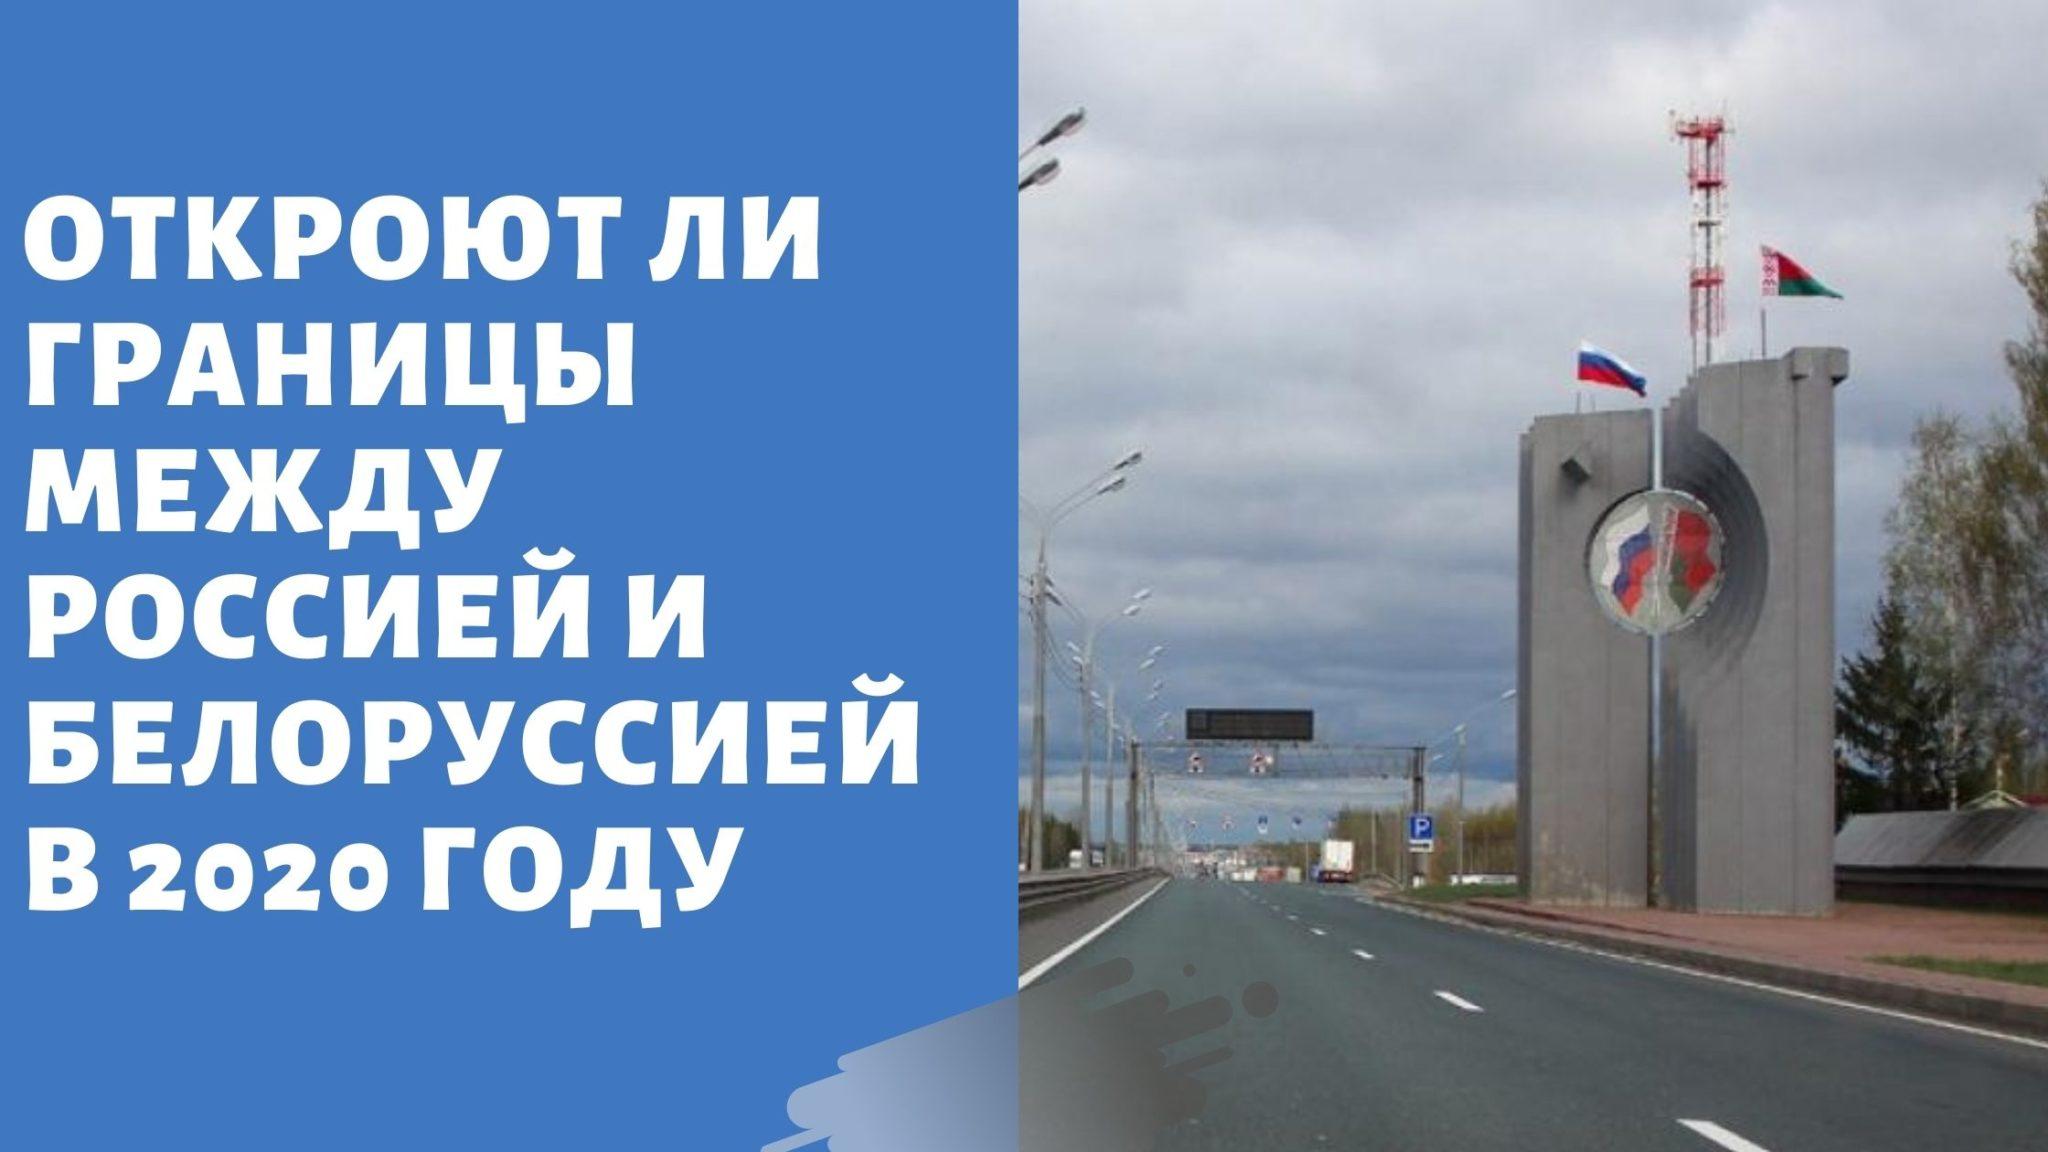 границы россии и белоруссии 2020